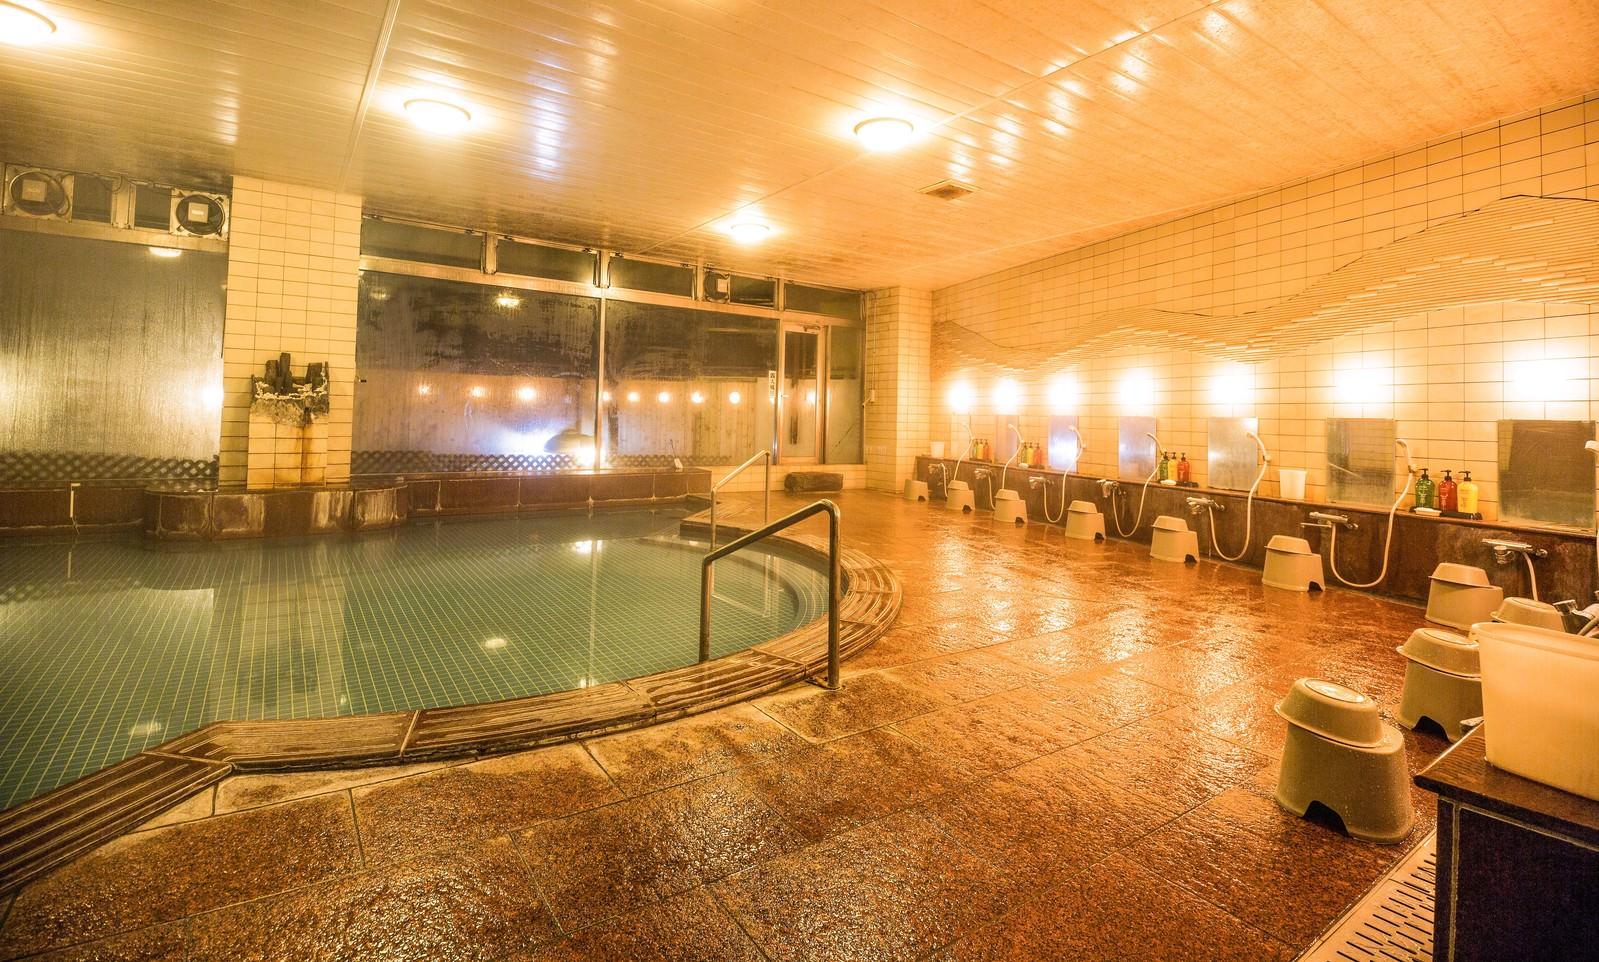 「旅館の大浴場」の写真